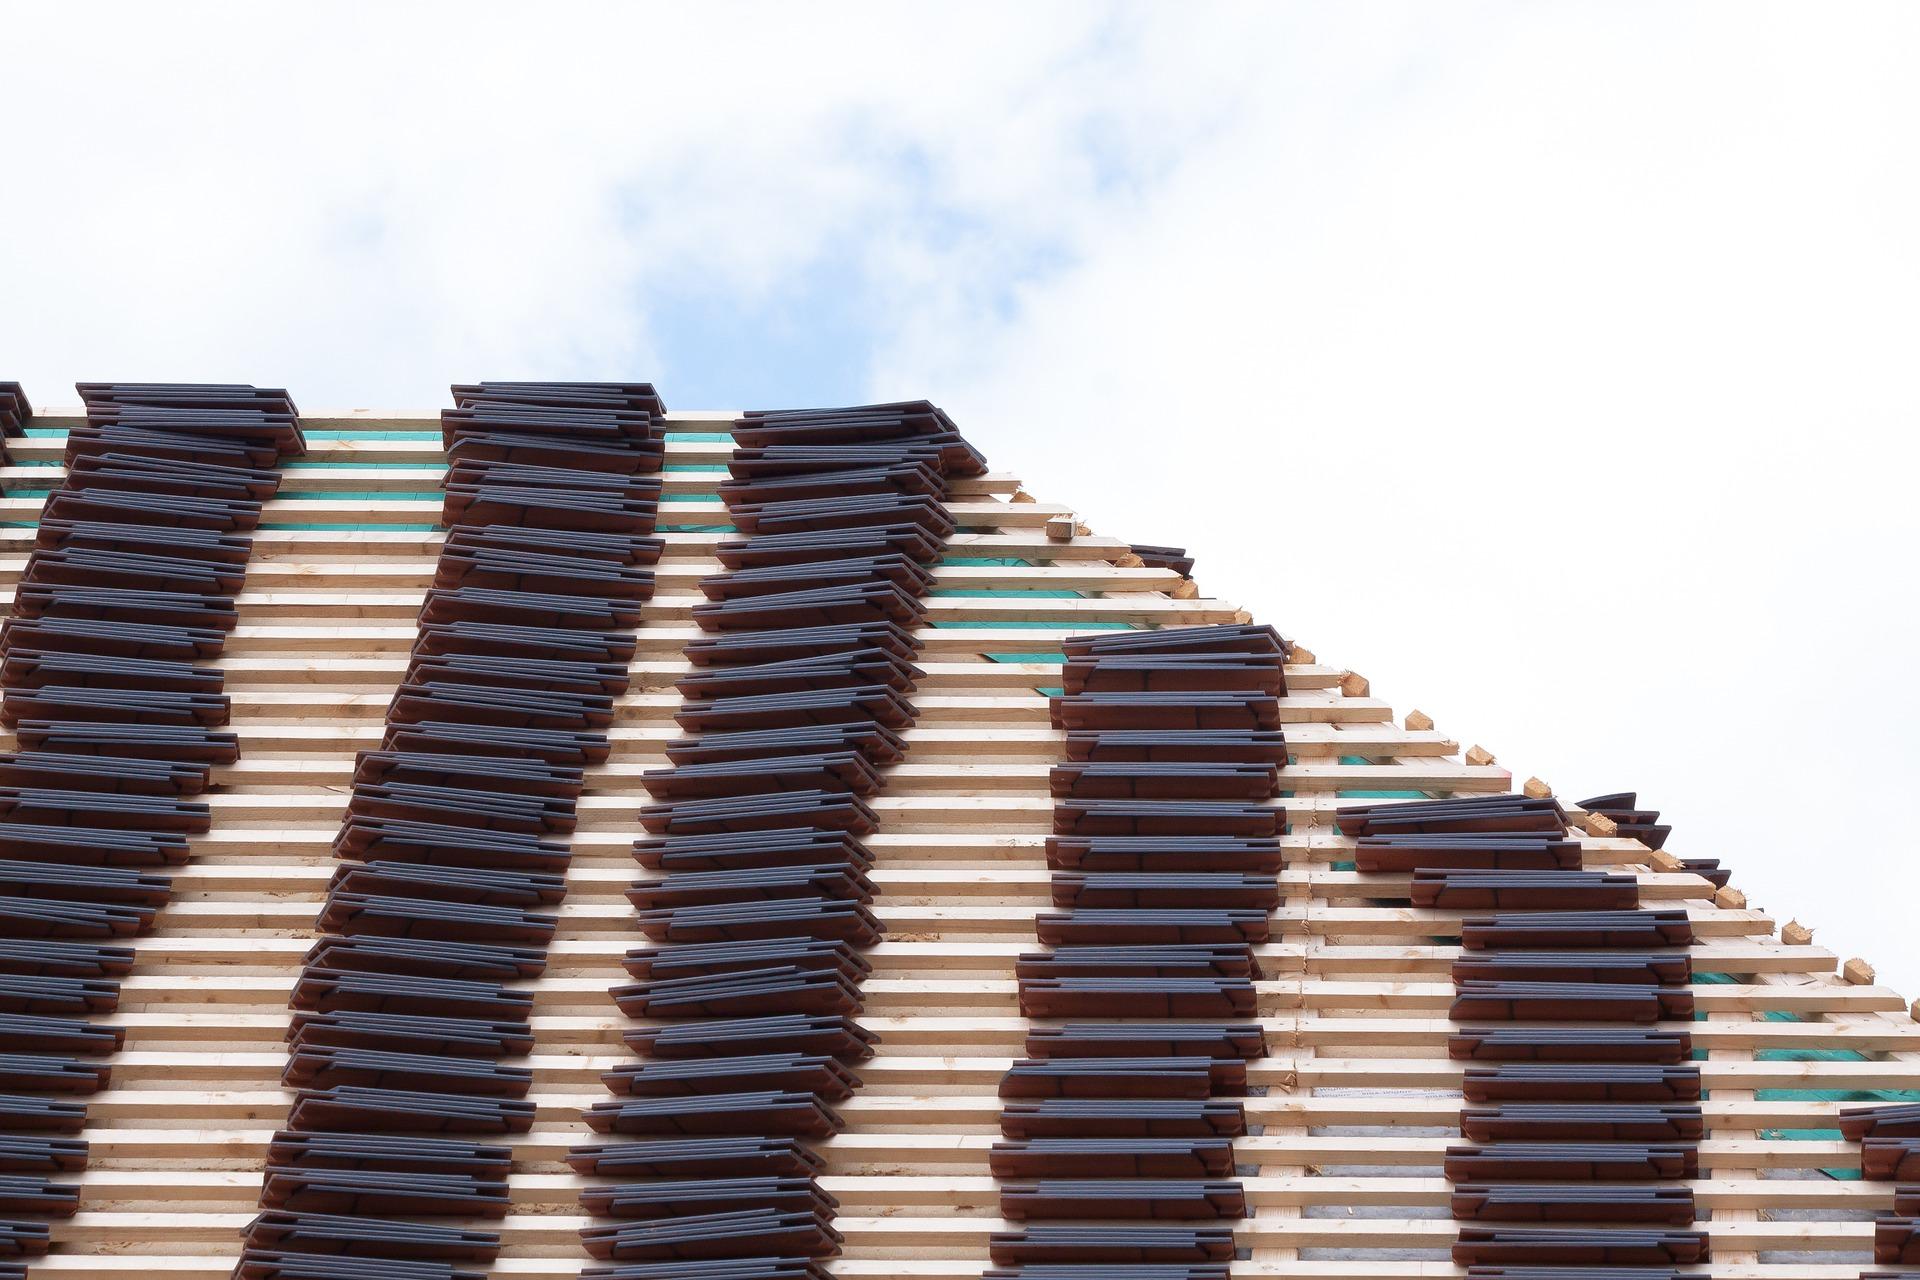 roofing-1484652_1920.jpg